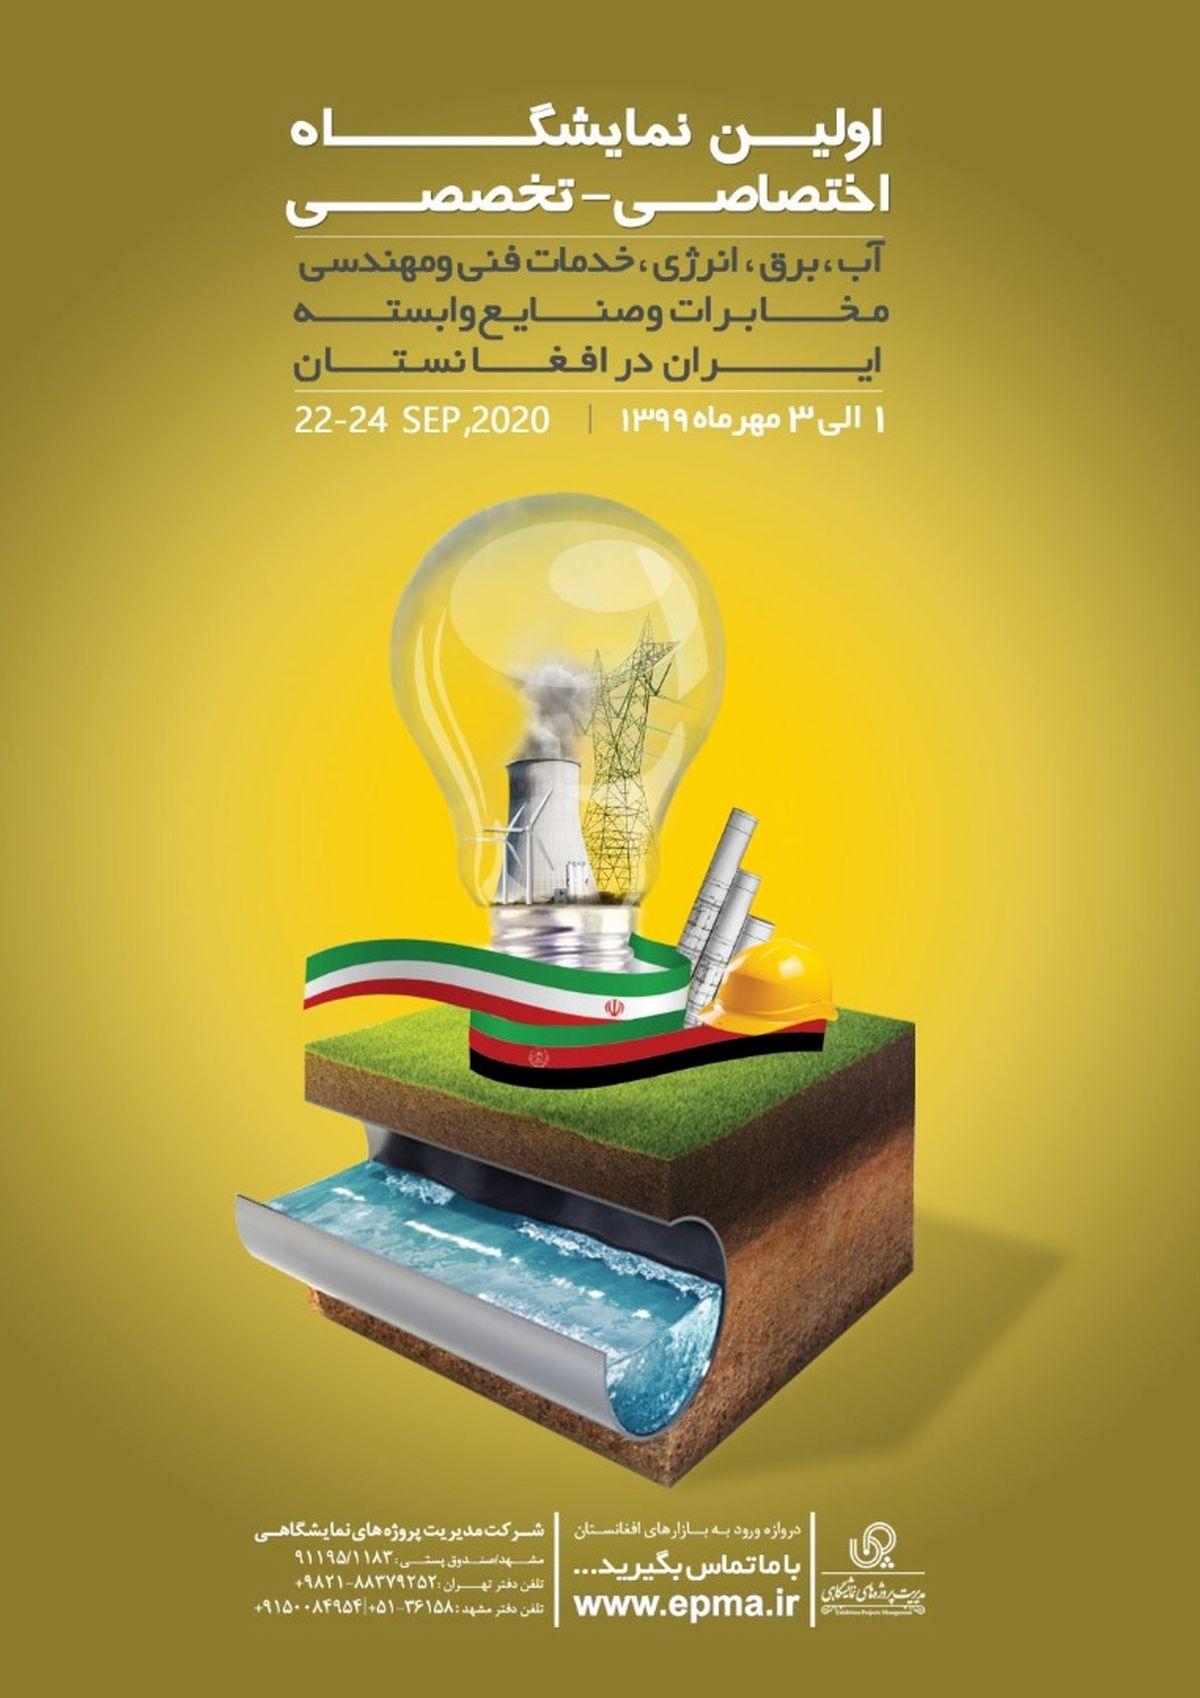 نخستین نمایشگاه تخصصی آب، برق و مخابرات ایران در افغانستان برگزار می شود